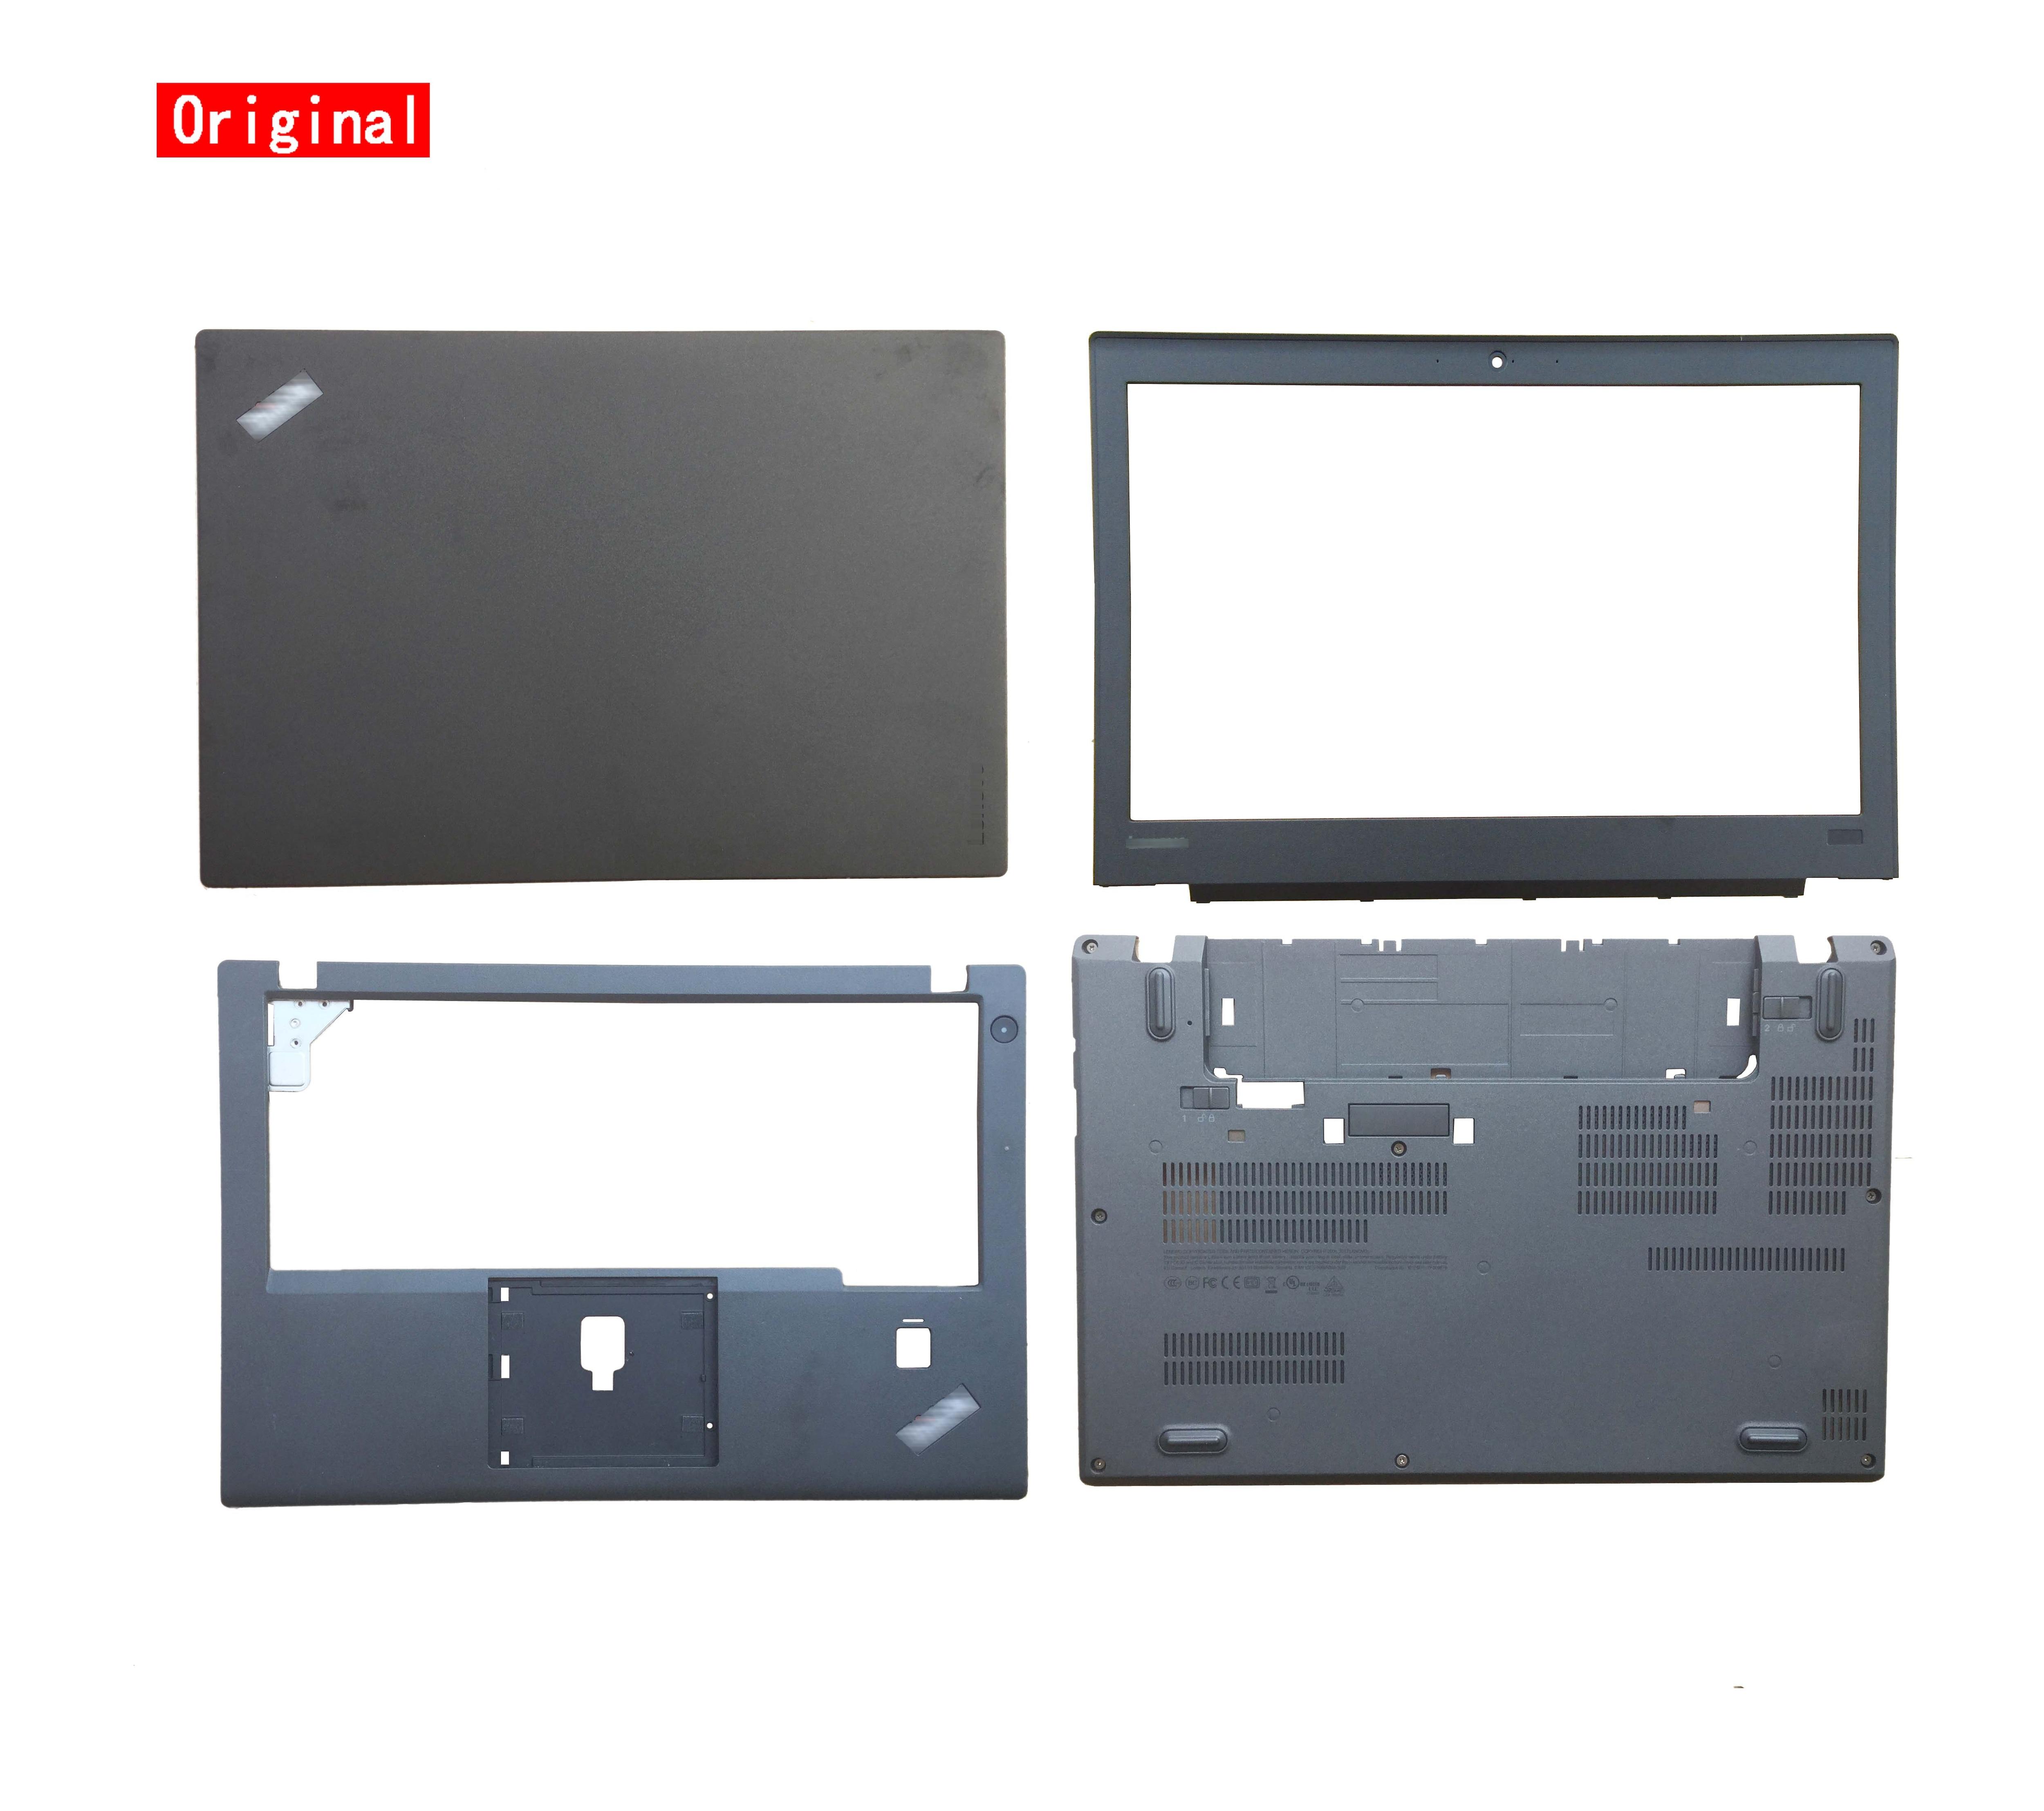 غطاء للكمبيوتر المحمول الأصلي الجديد لينوفو ثينك باد X260 X270 LCD الغطاء الخلفي الغطاء الخلفي العلوي الحافة Palmrest الغطاء السفلي للقضية